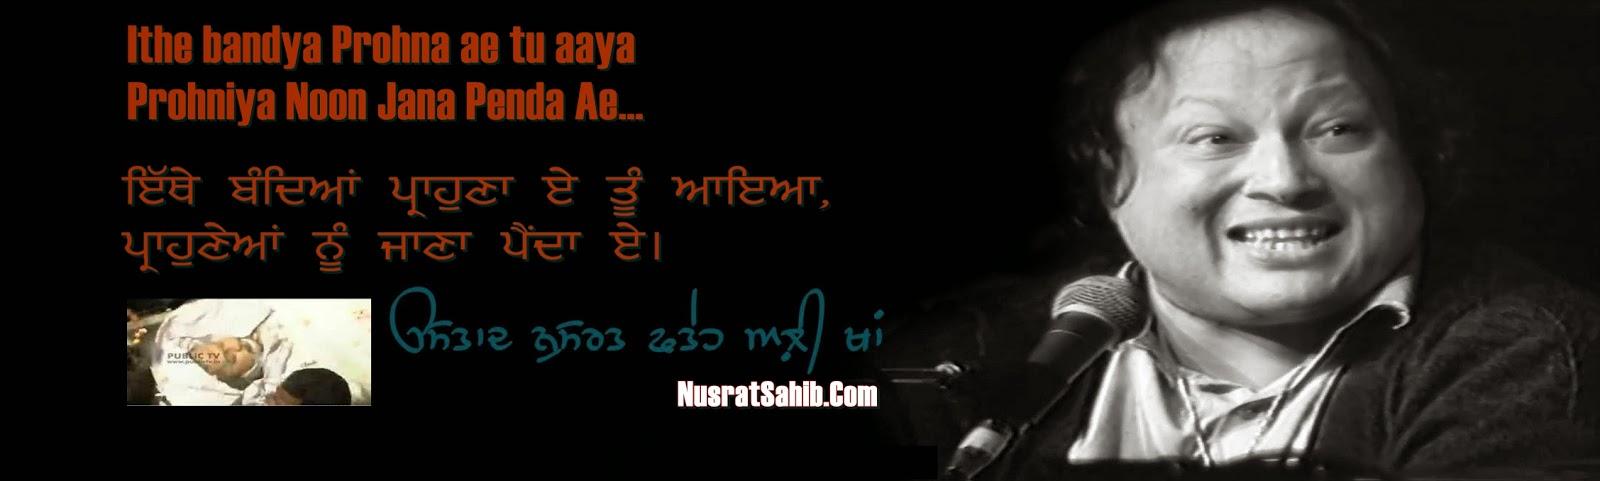 nusrat ali khan qawwali mp3 free download